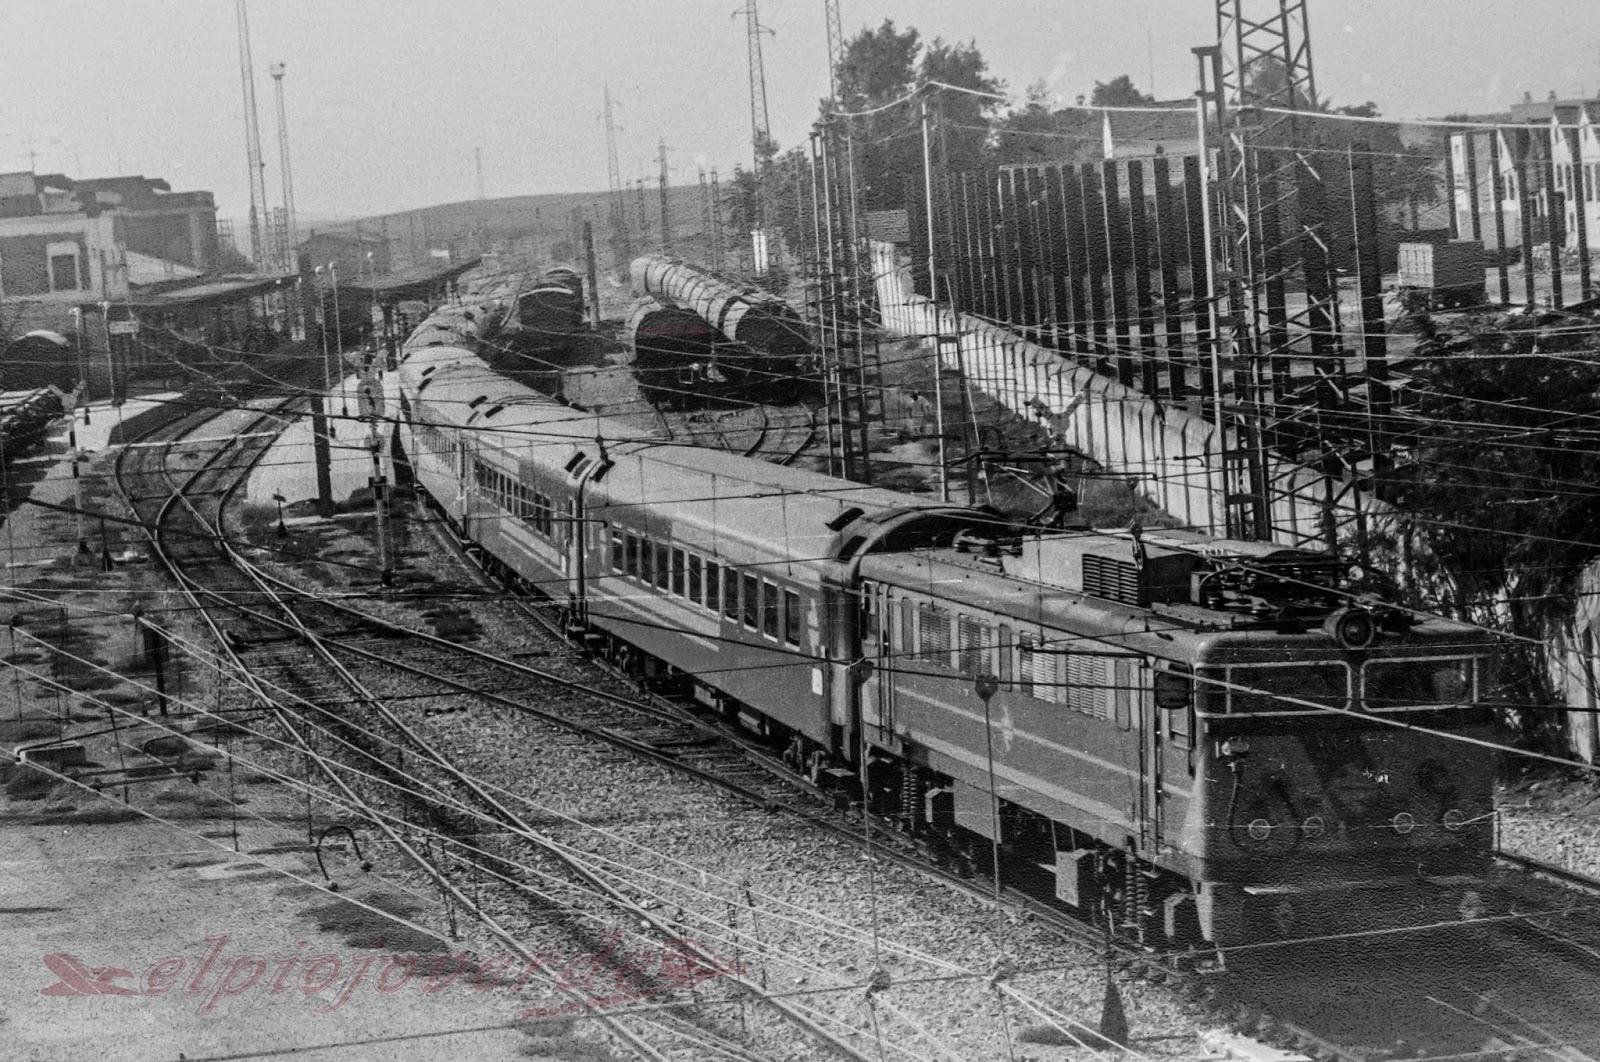 El ferrocarril en utrera rapido cadiz madrid - Casarse rapido en madrid ...